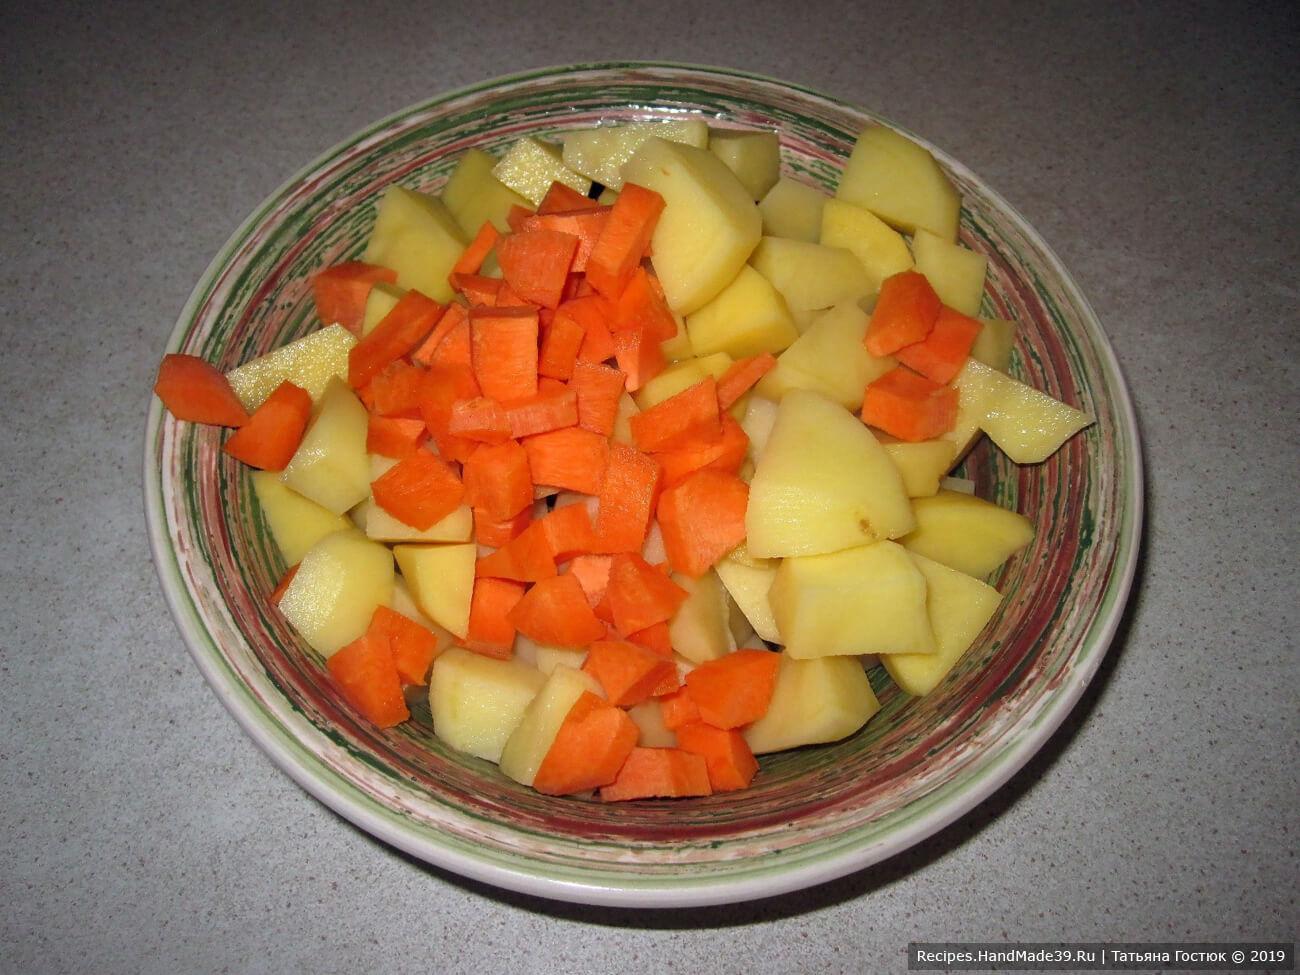 Картофель и морковь чистим, картофель нарезаем кубиками, морковь – мелкими кусочками